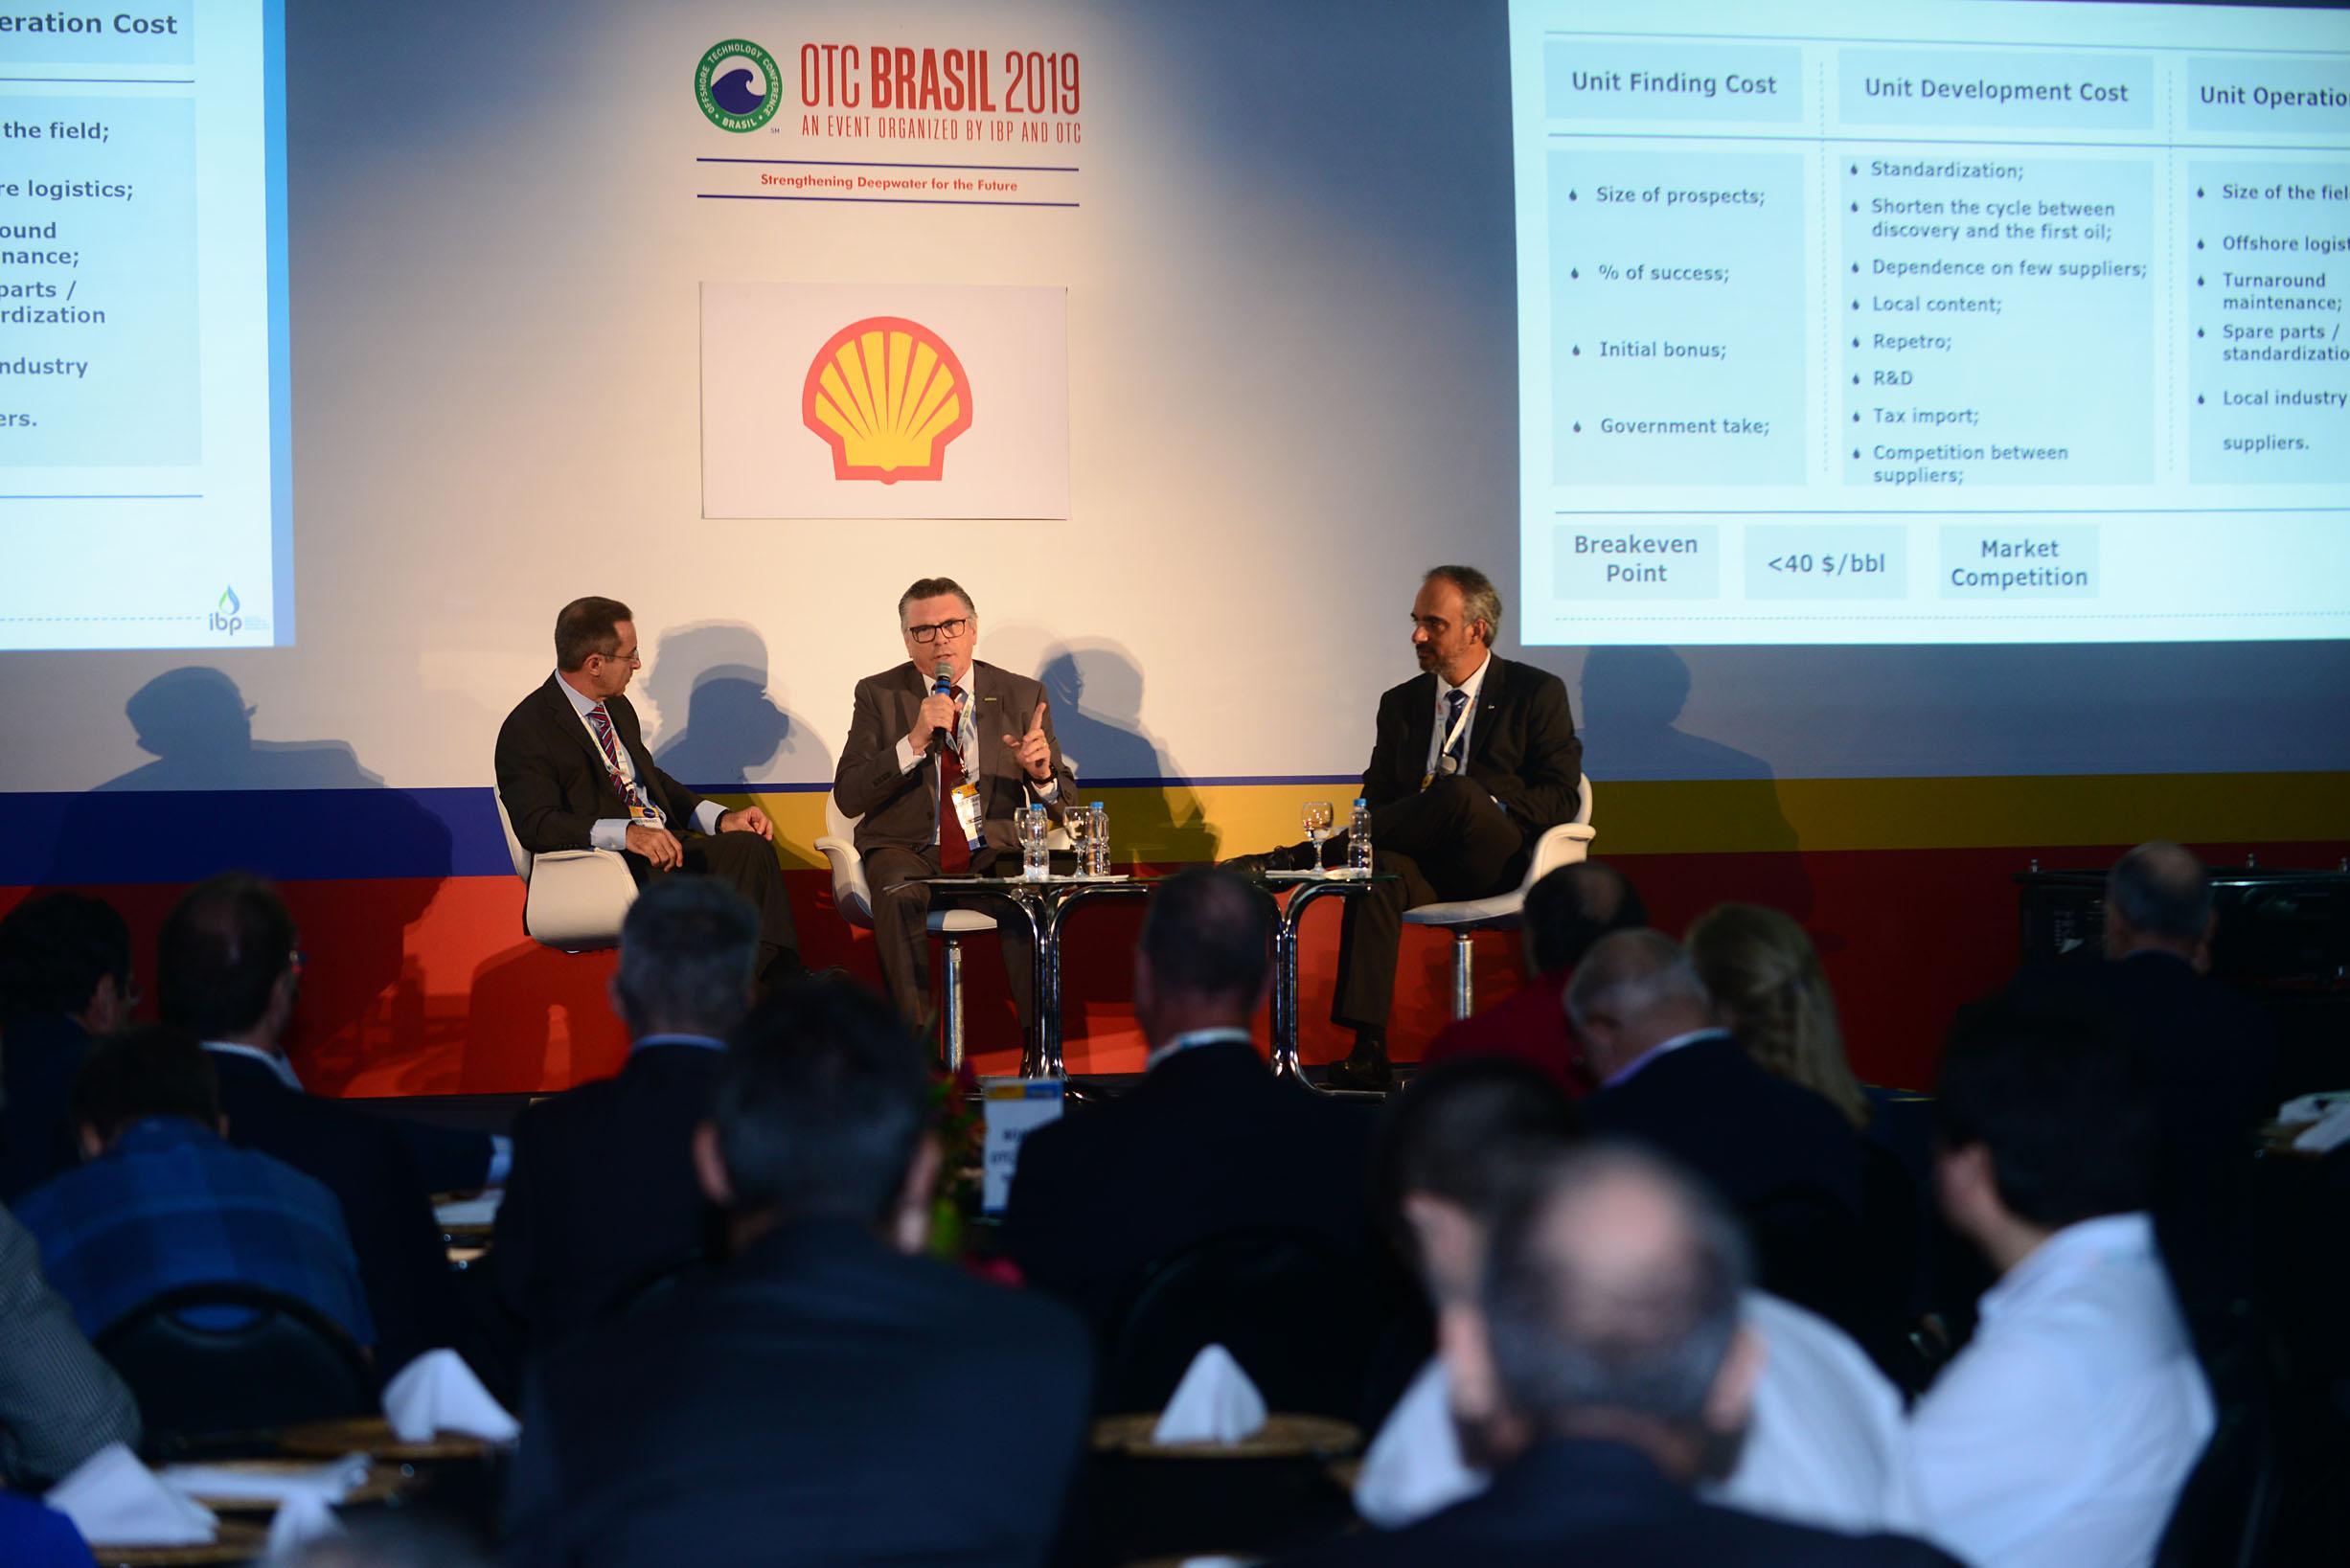 Antônio Guimarães (IBP), Claudio Makarovsky (Abespetro) e José Firme (IBP) discutem competitividade em painel da OTC Brasil 2019